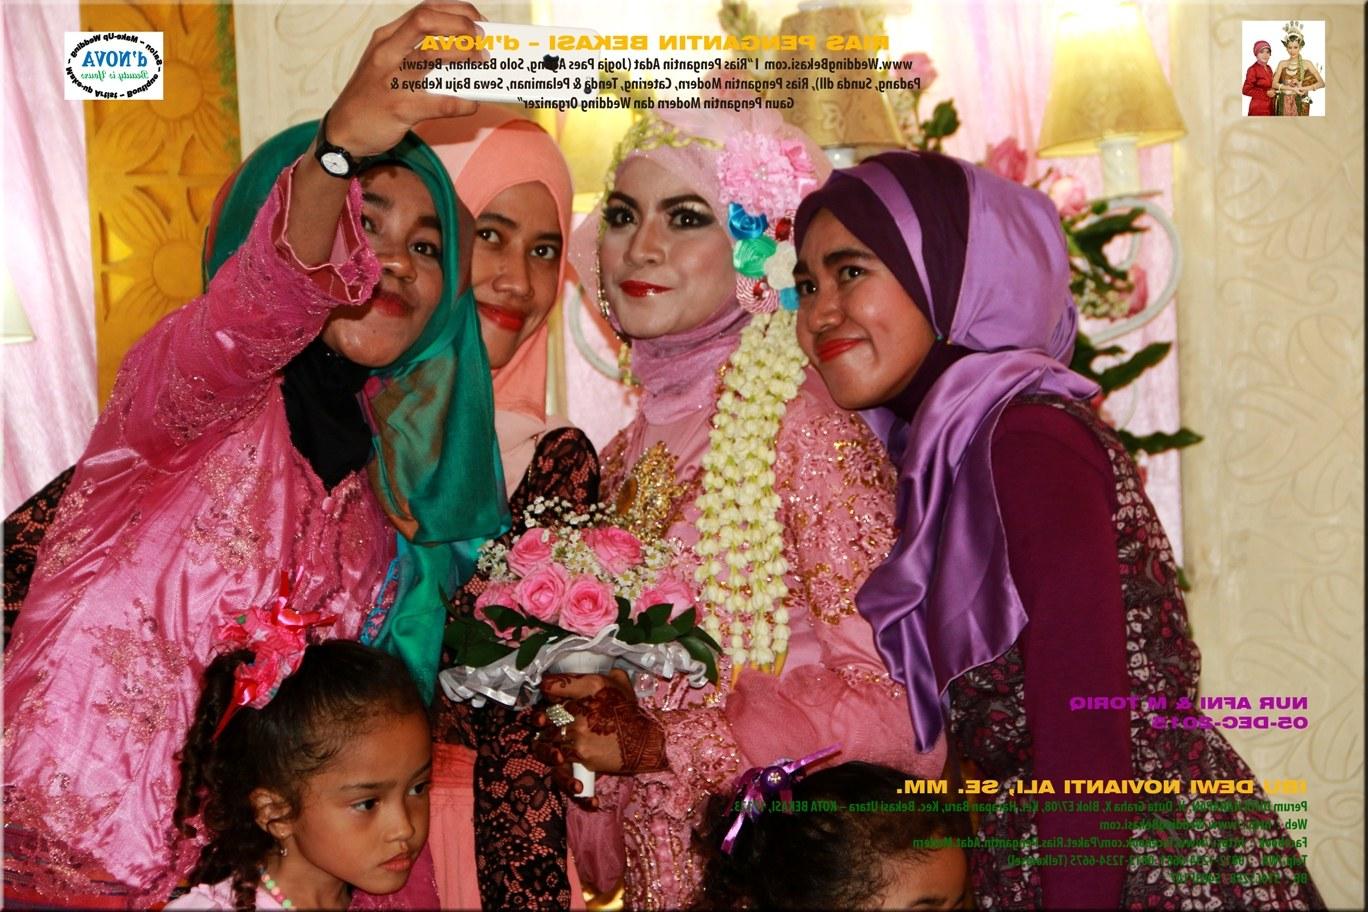 Bentuk Sewa Gaun Pengantin Muslimah Di solo Budm Kebaya Pengantin Pink Fanta Vkebaya